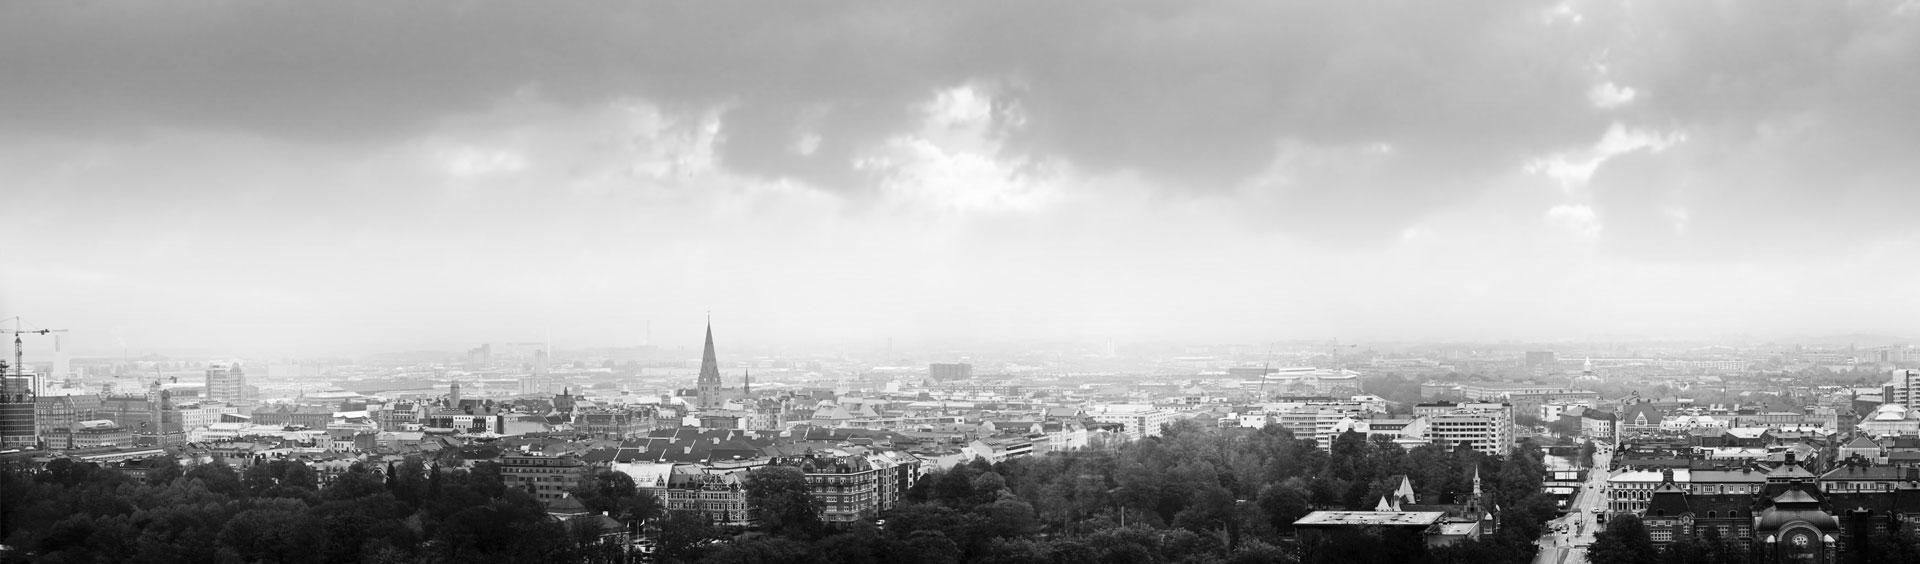 Panorama-2013-10-17-liten